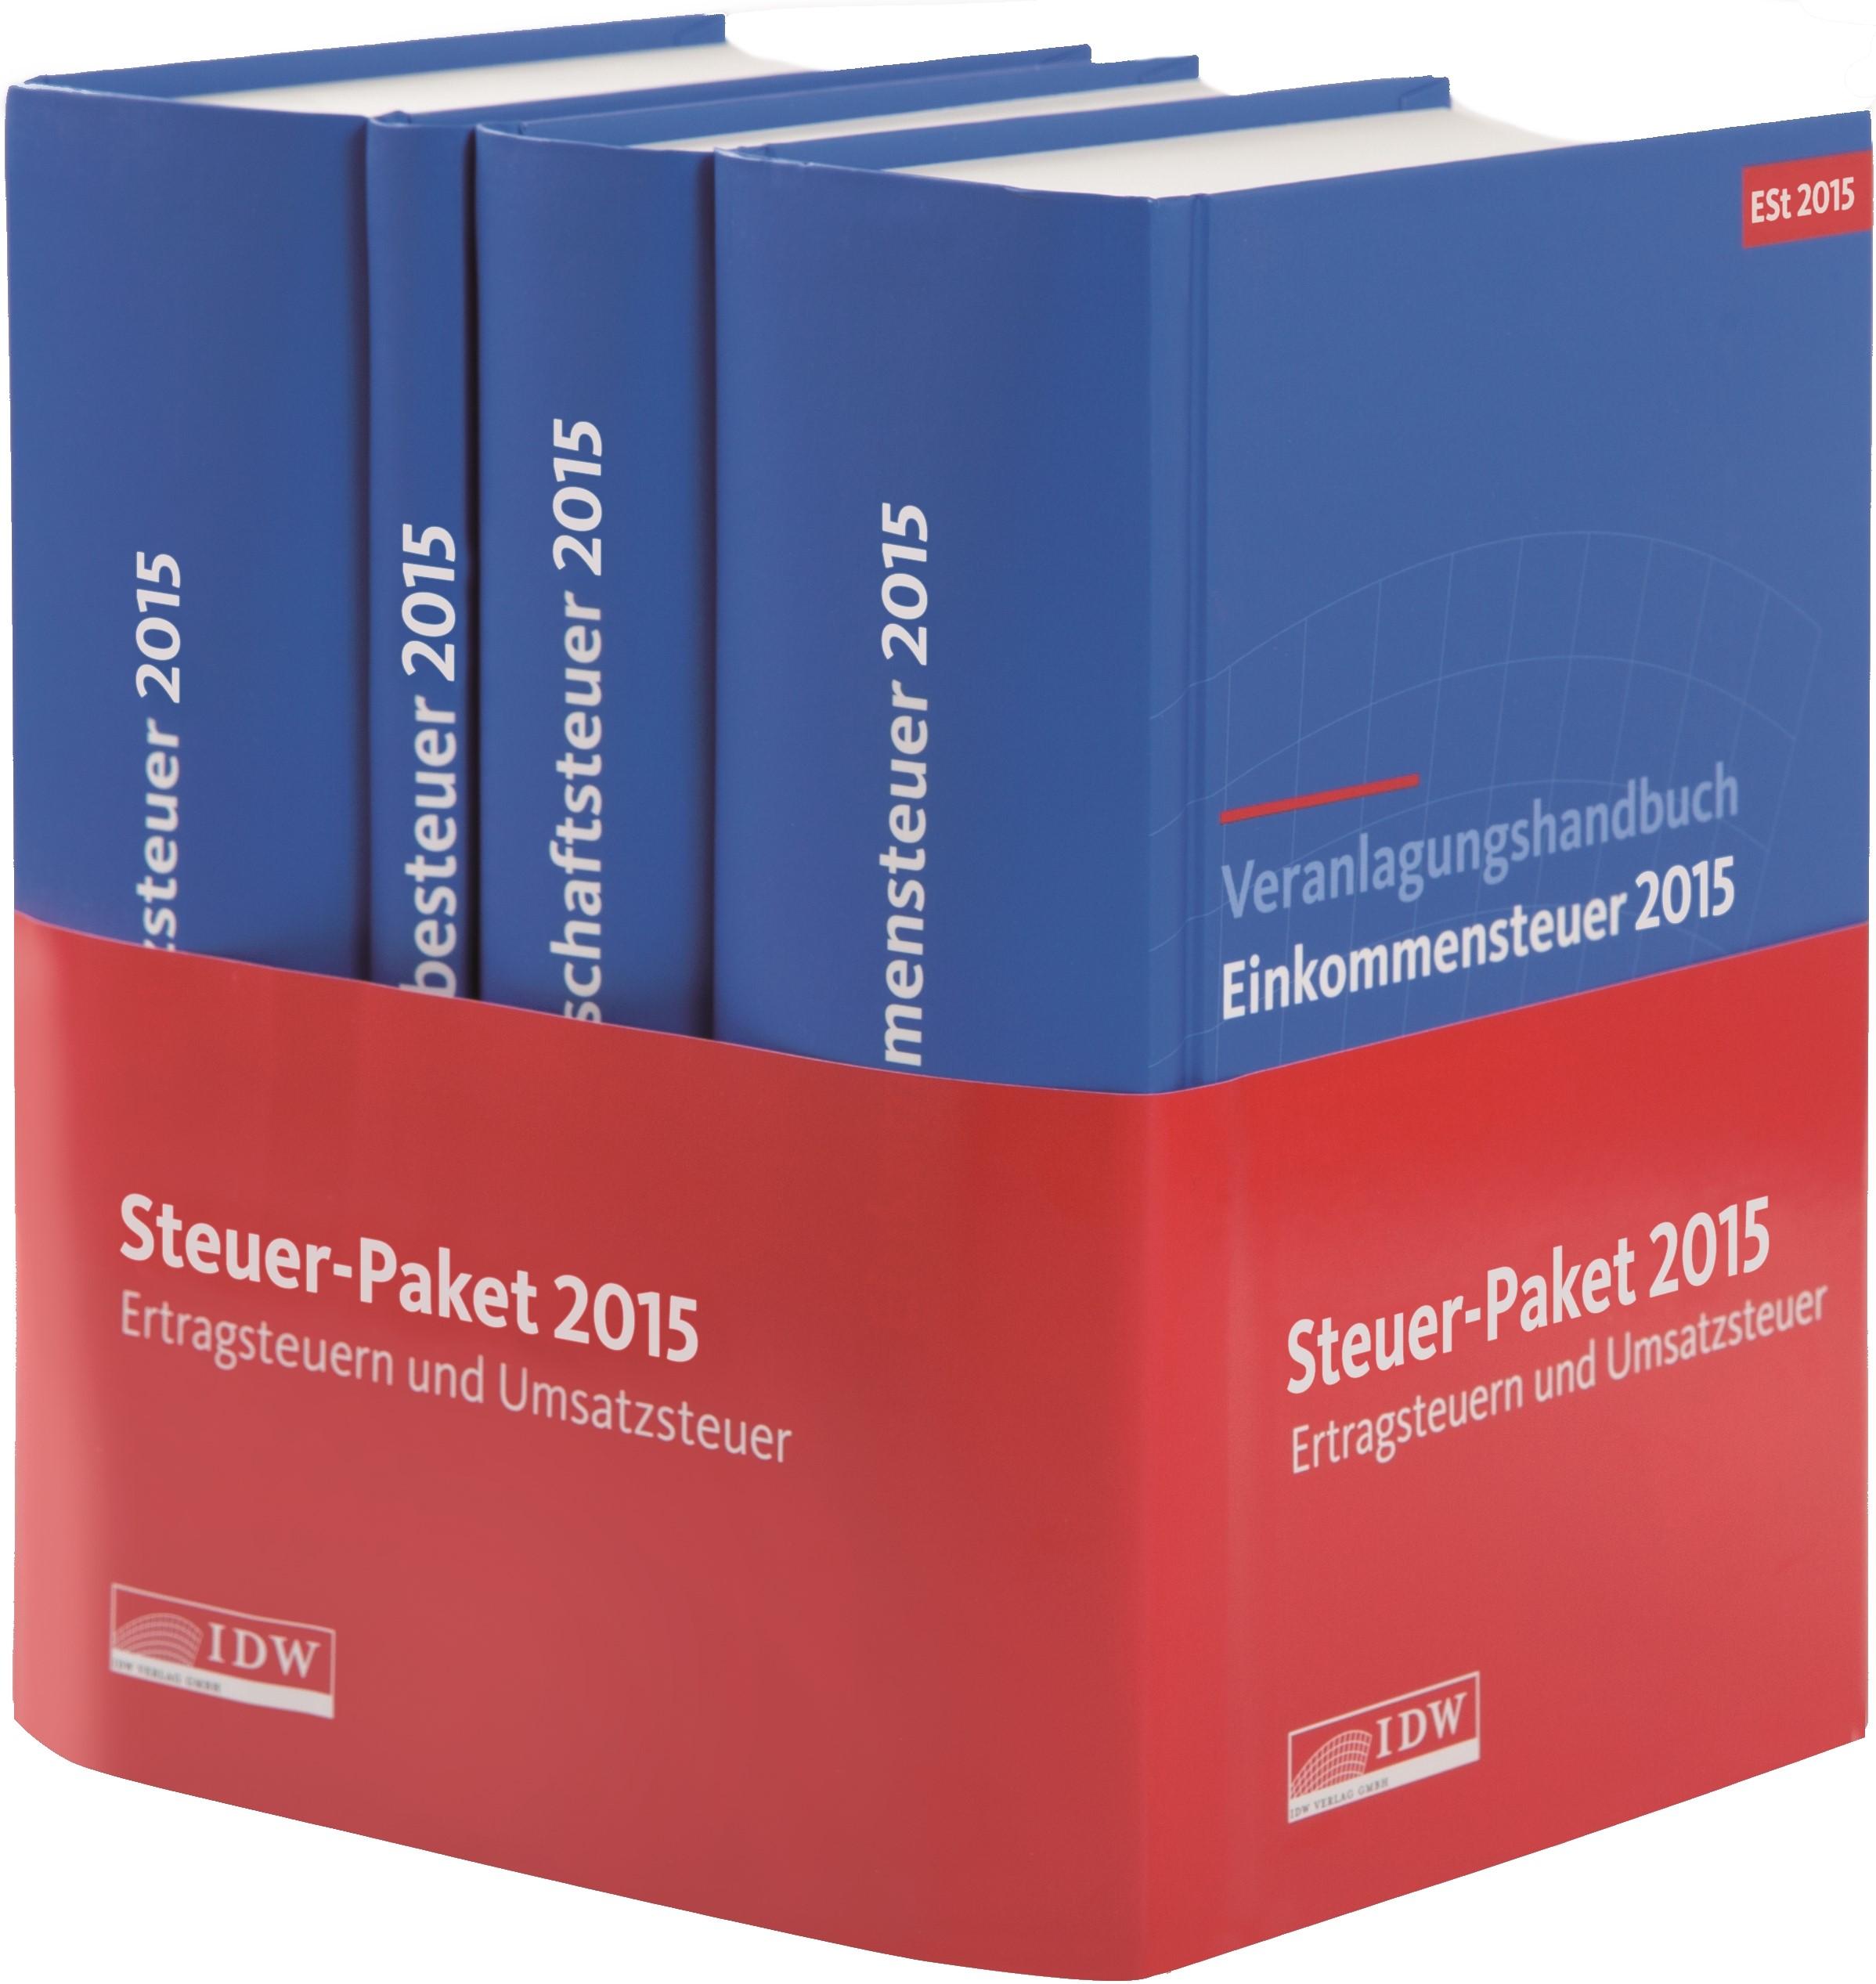 Steuer-Paket 2015: Ertragsteuern und Umsatzsteuer | IDW | 11. Auflage, 2016 (Cover)